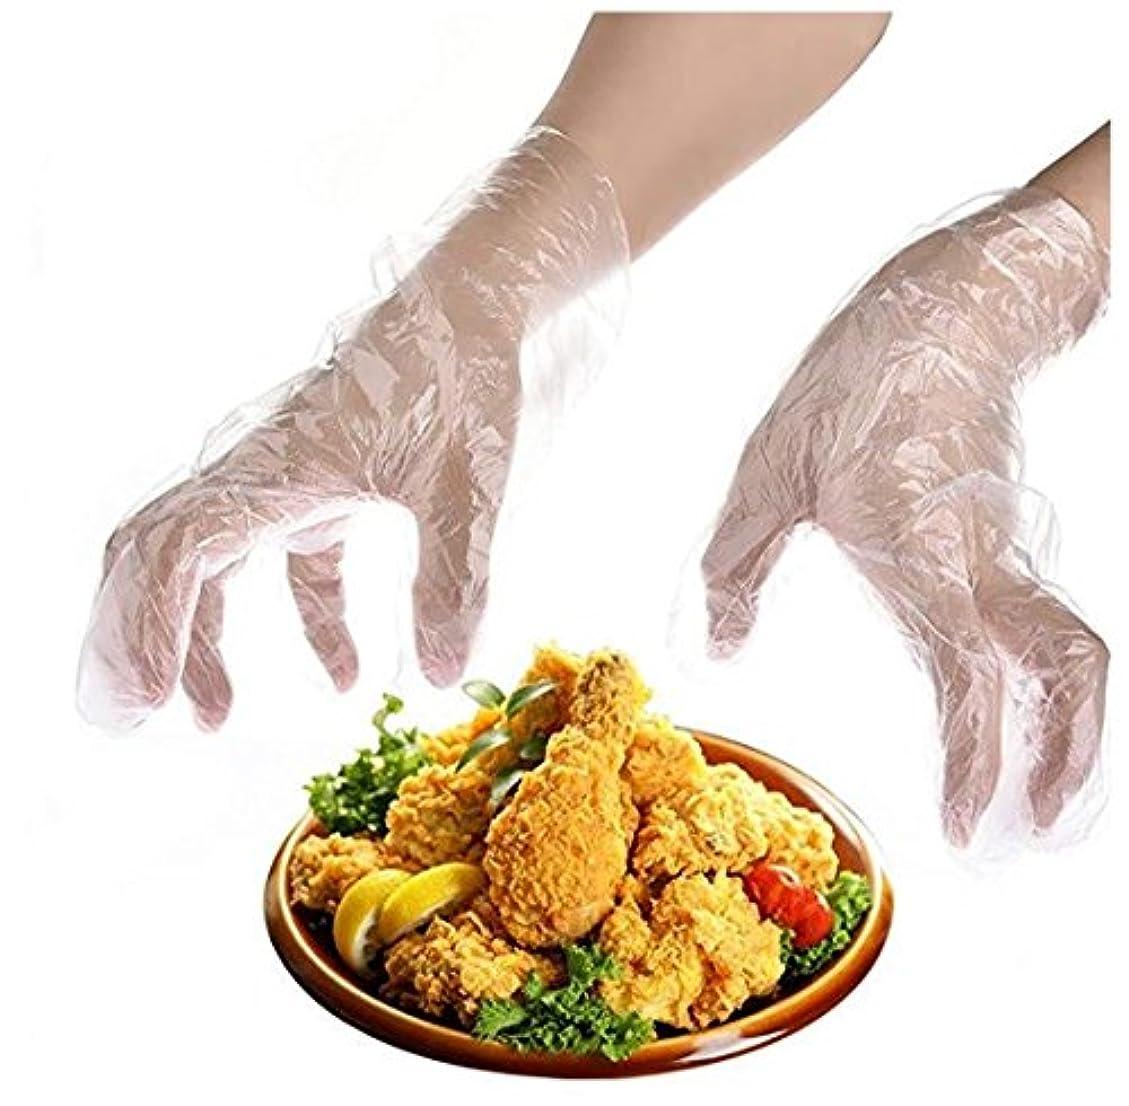 アイスクリーム決定する禁輸Heyuni.使い捨て手袋 極薄ビニール手袋 ポリエチレン 透明 実用 衛生 100枚